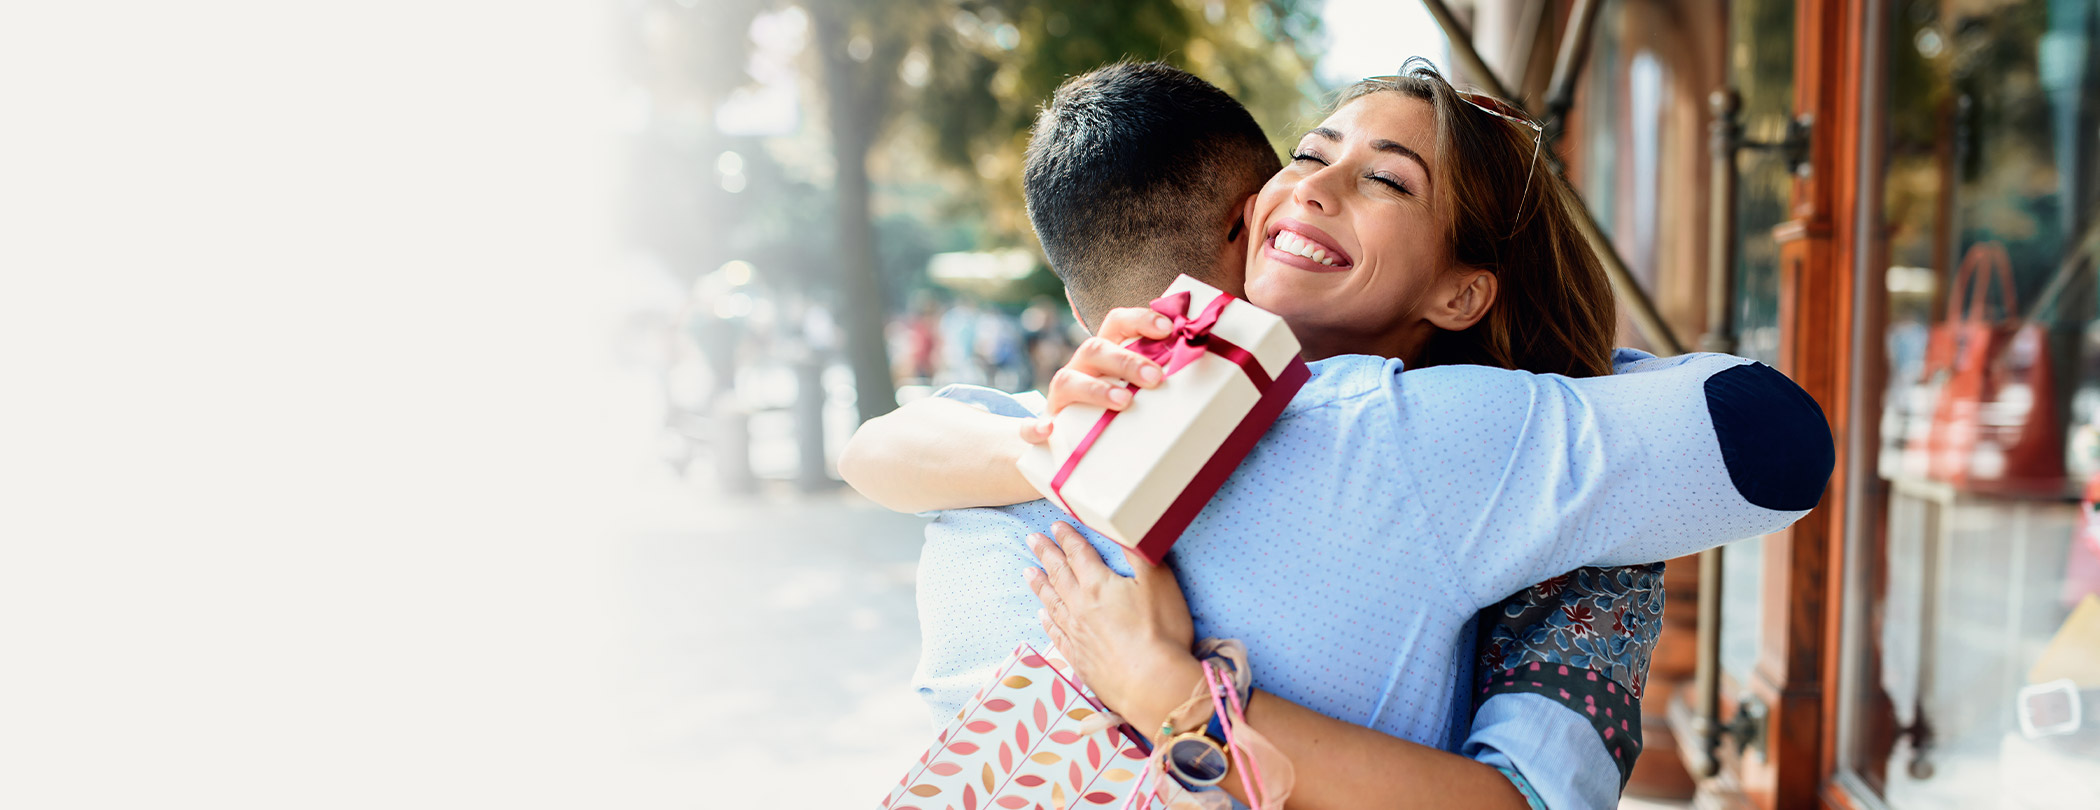 Yıldönümü ya da Sevgililer Günü için hediye ararken, halen alışveriş siteleri arasında kayboluyor musun? Artık en güzel ortamlarda değerli armağanınla mutluluklara ortak olmanın keyfini çıkarabilmek çok kolay! Çünkü biz burada farklı hediye fikirleri ile en güncel indirim kampanyalarını konuşuyoruz.